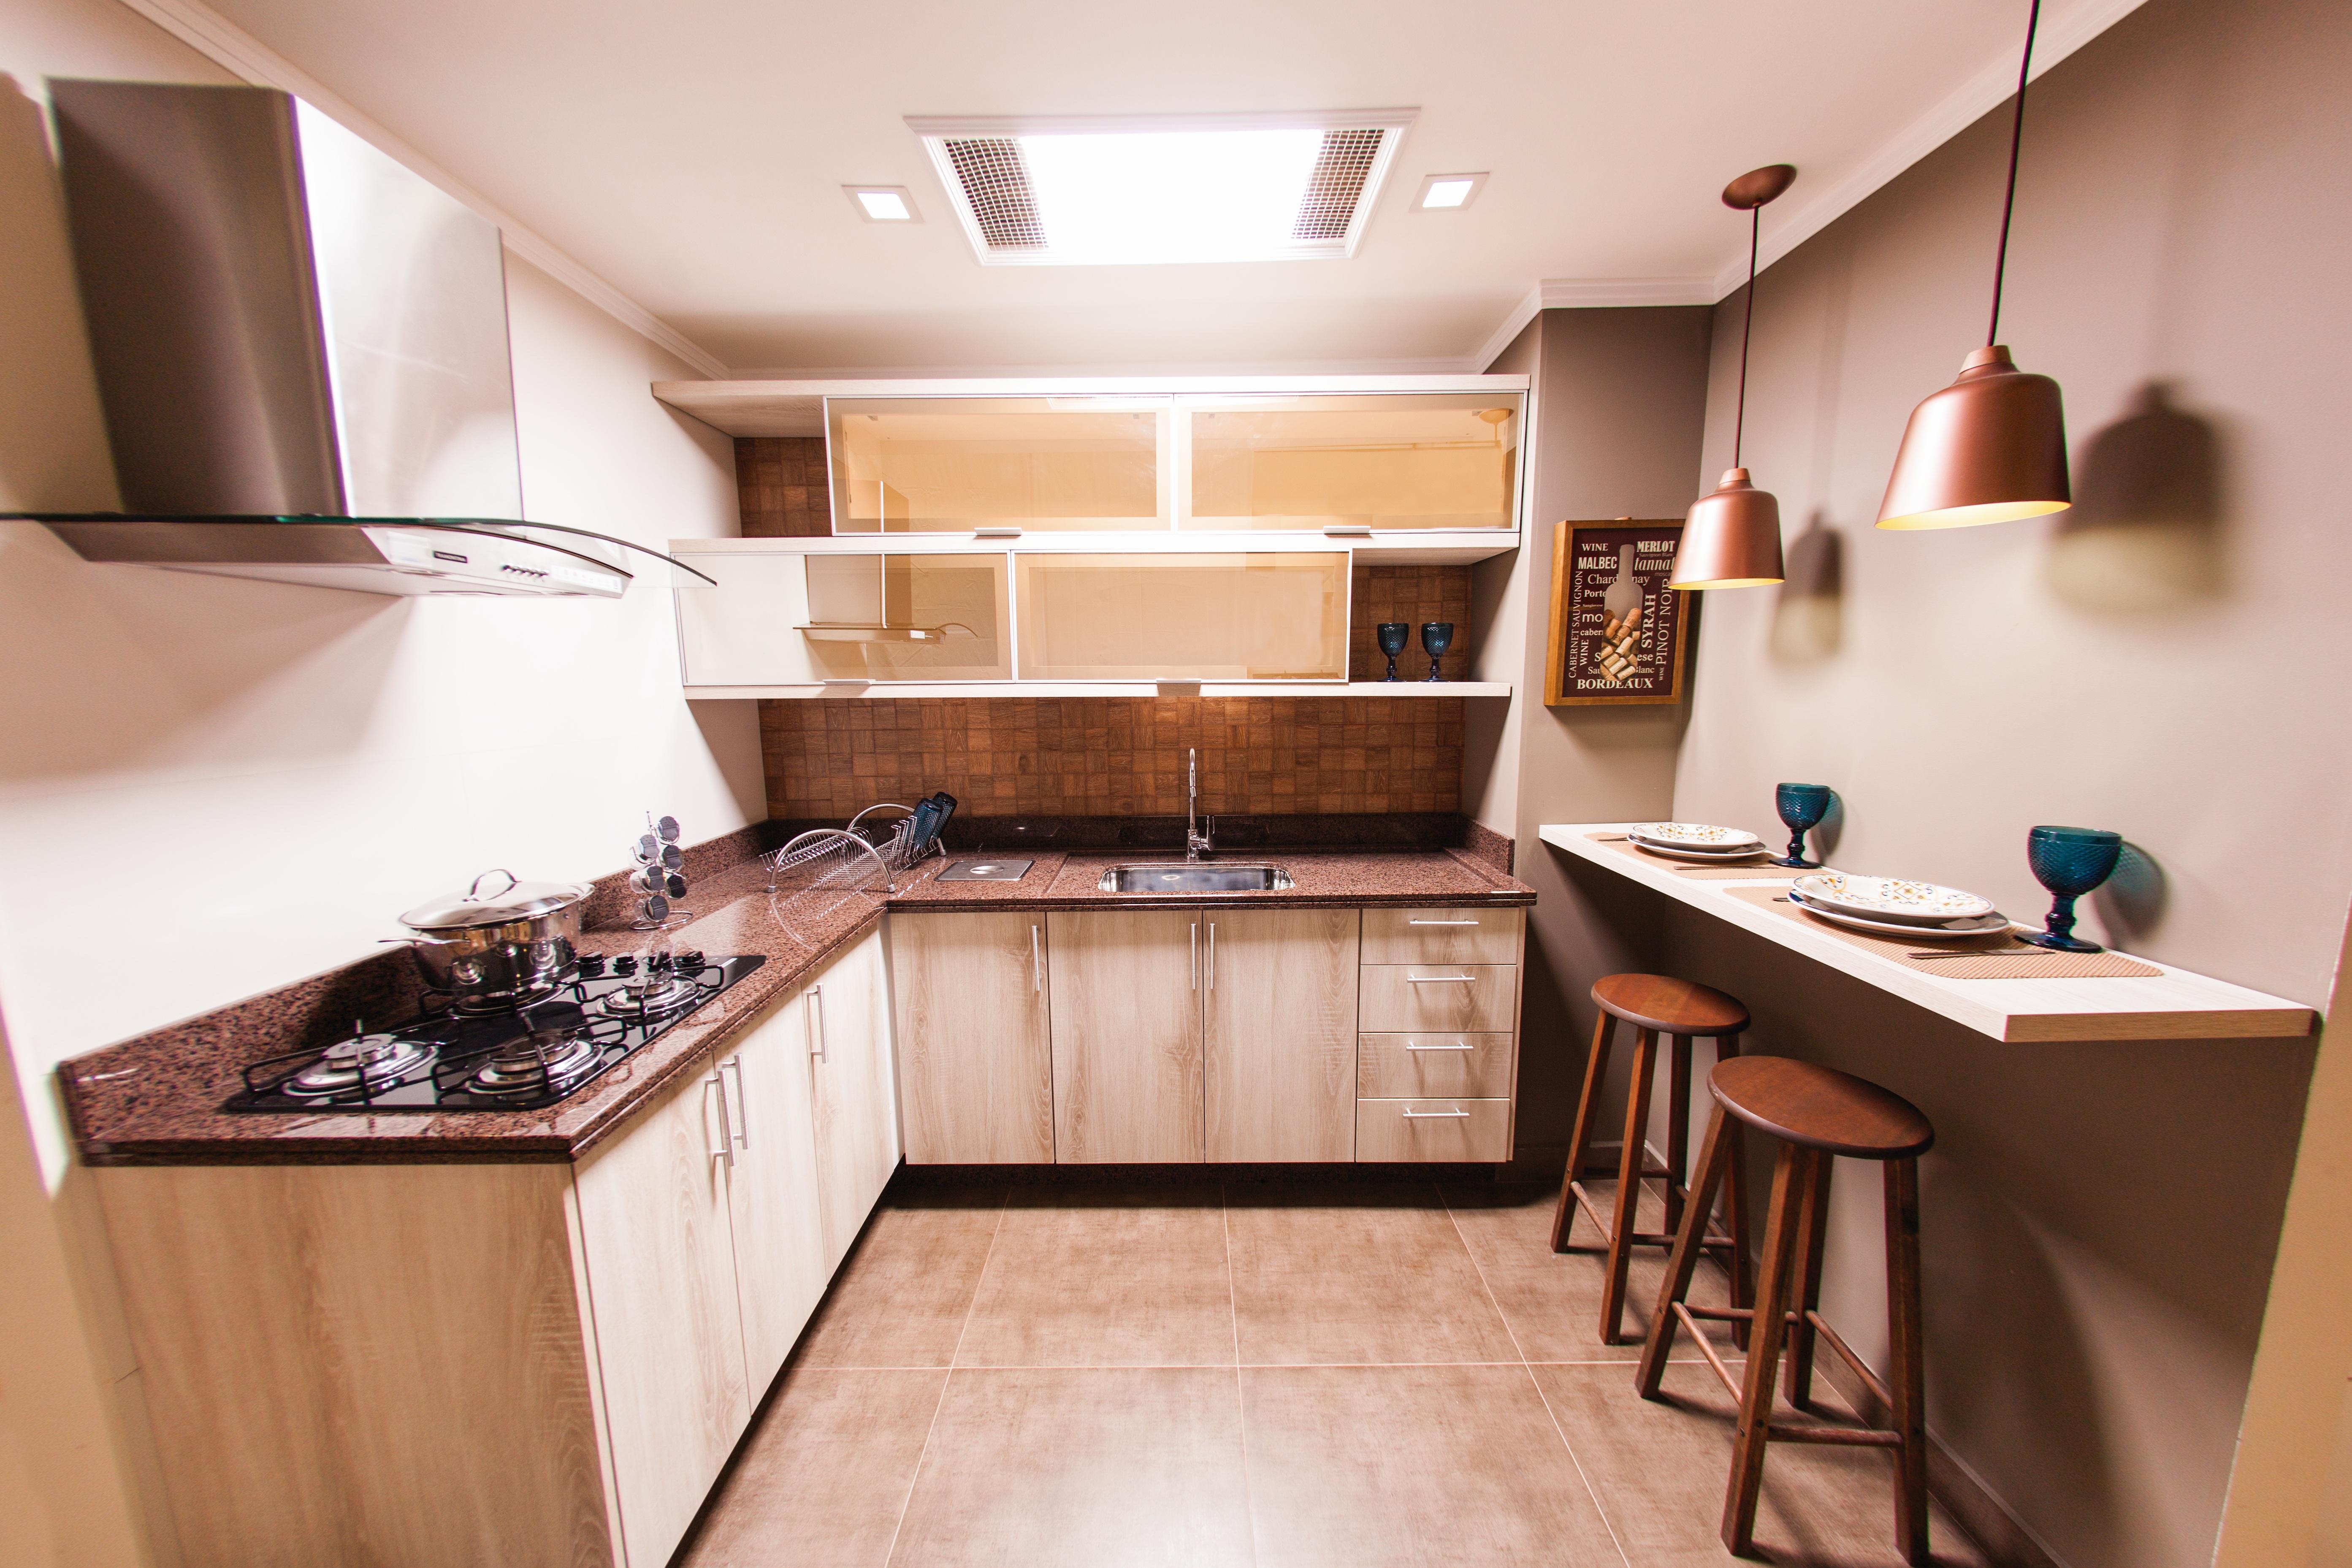 Cozinha Planejada Com Rea De Refei O Leroy Merlin